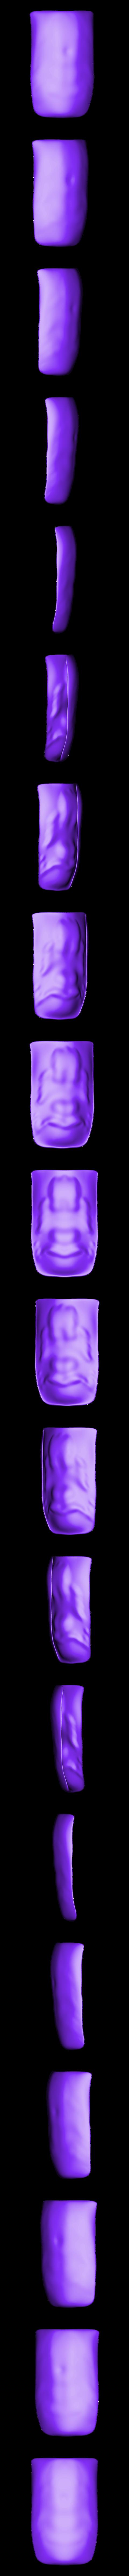 Soft_object.stl Télécharger fichier STL gratuit Corporeal - Un projet de dissection humaine • Modèle pour impression 3D, Pwenyrr